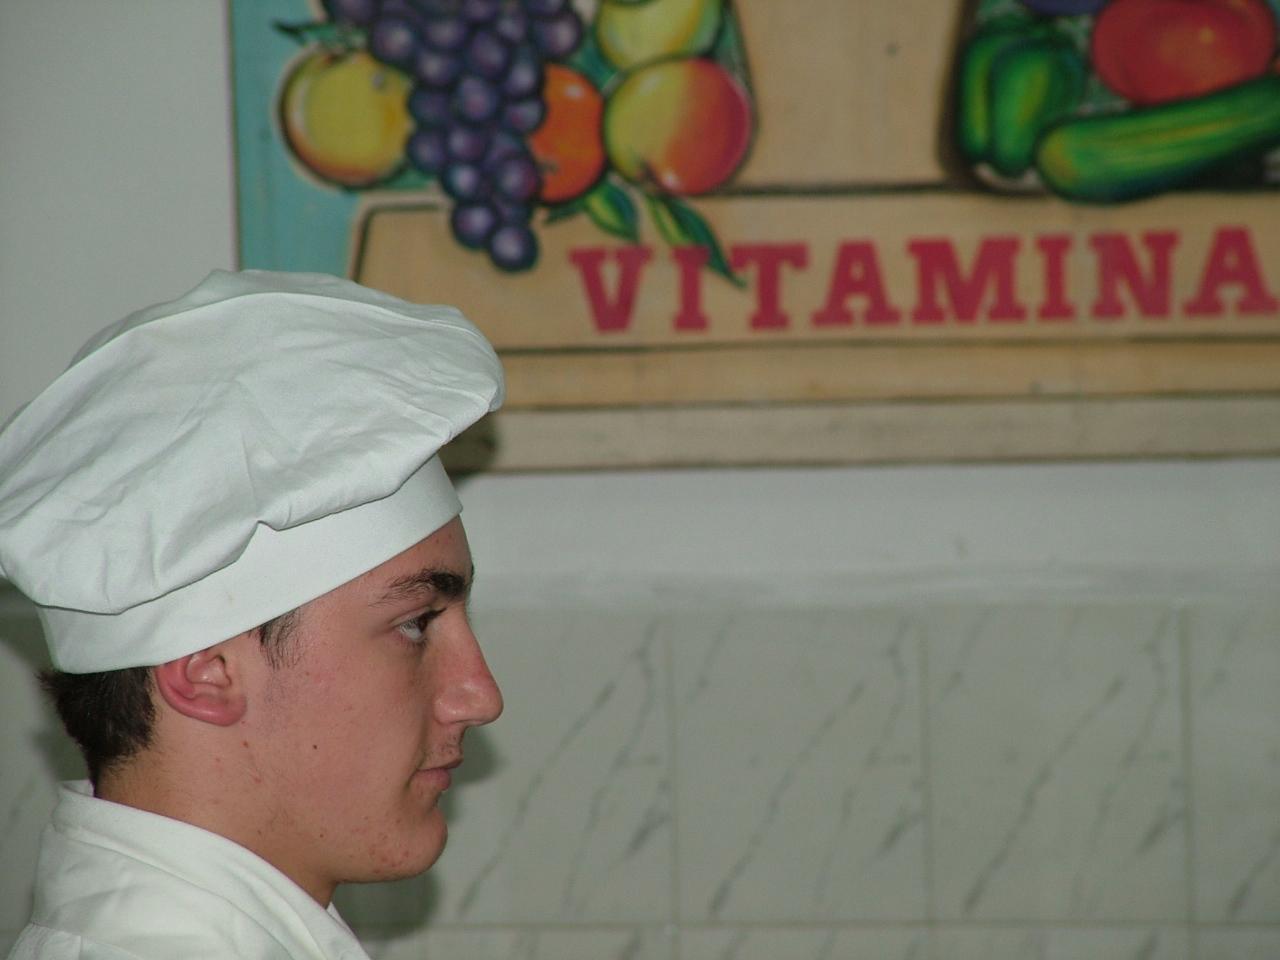 Albania a scuola di cucina albania aree home osservatorio balcani e caucaso transeuropa - Scuola di cucina torino ...